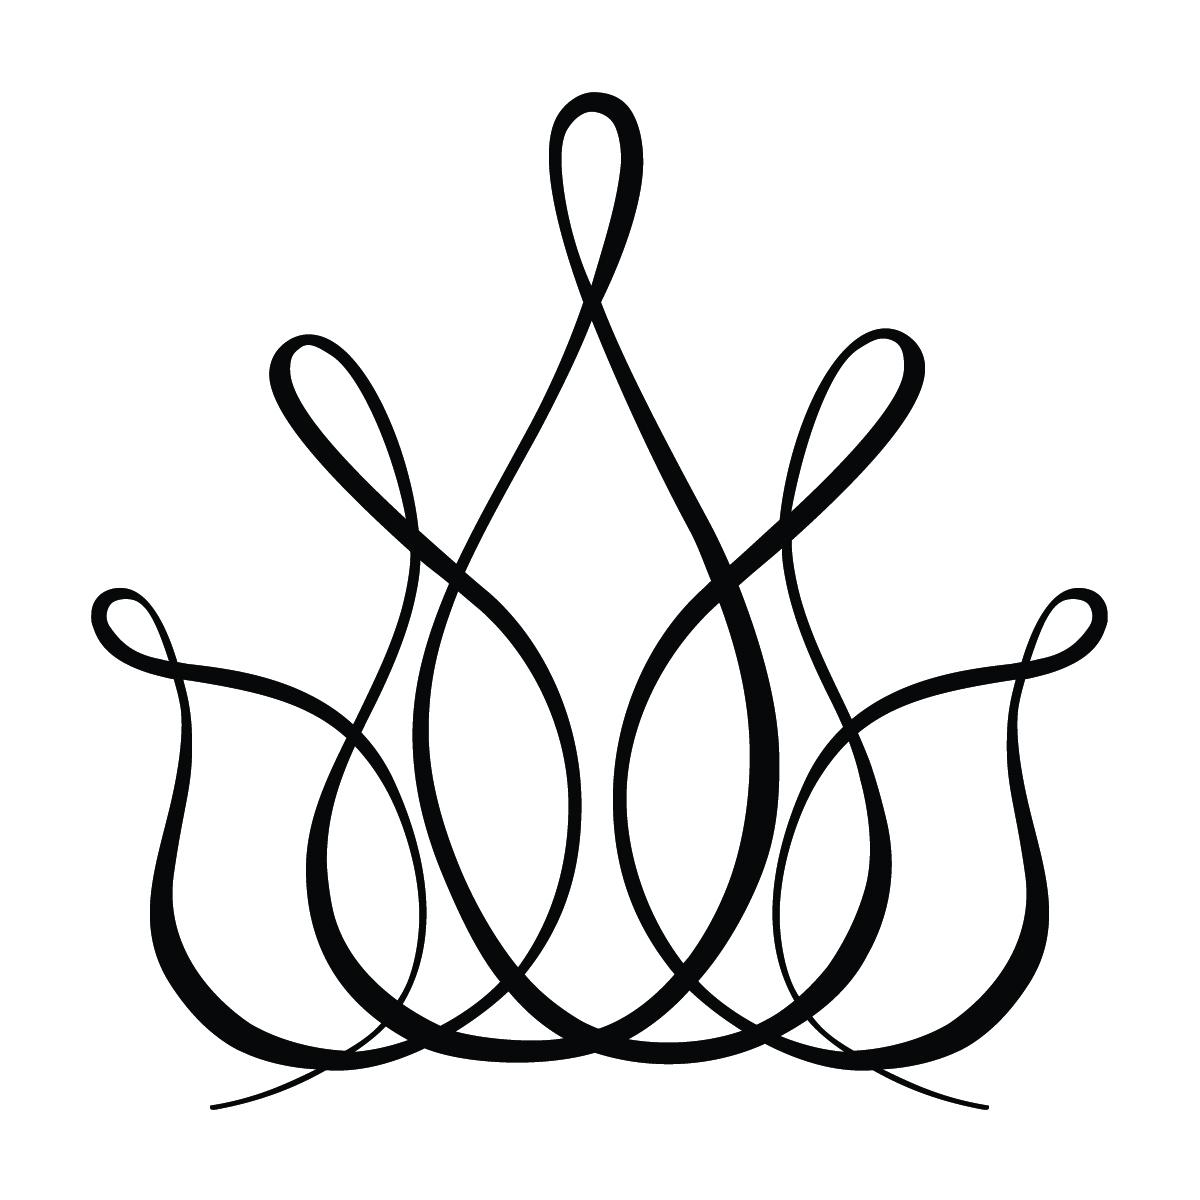 1200x1200 Decorative Crown Clipart, Explore Pictures